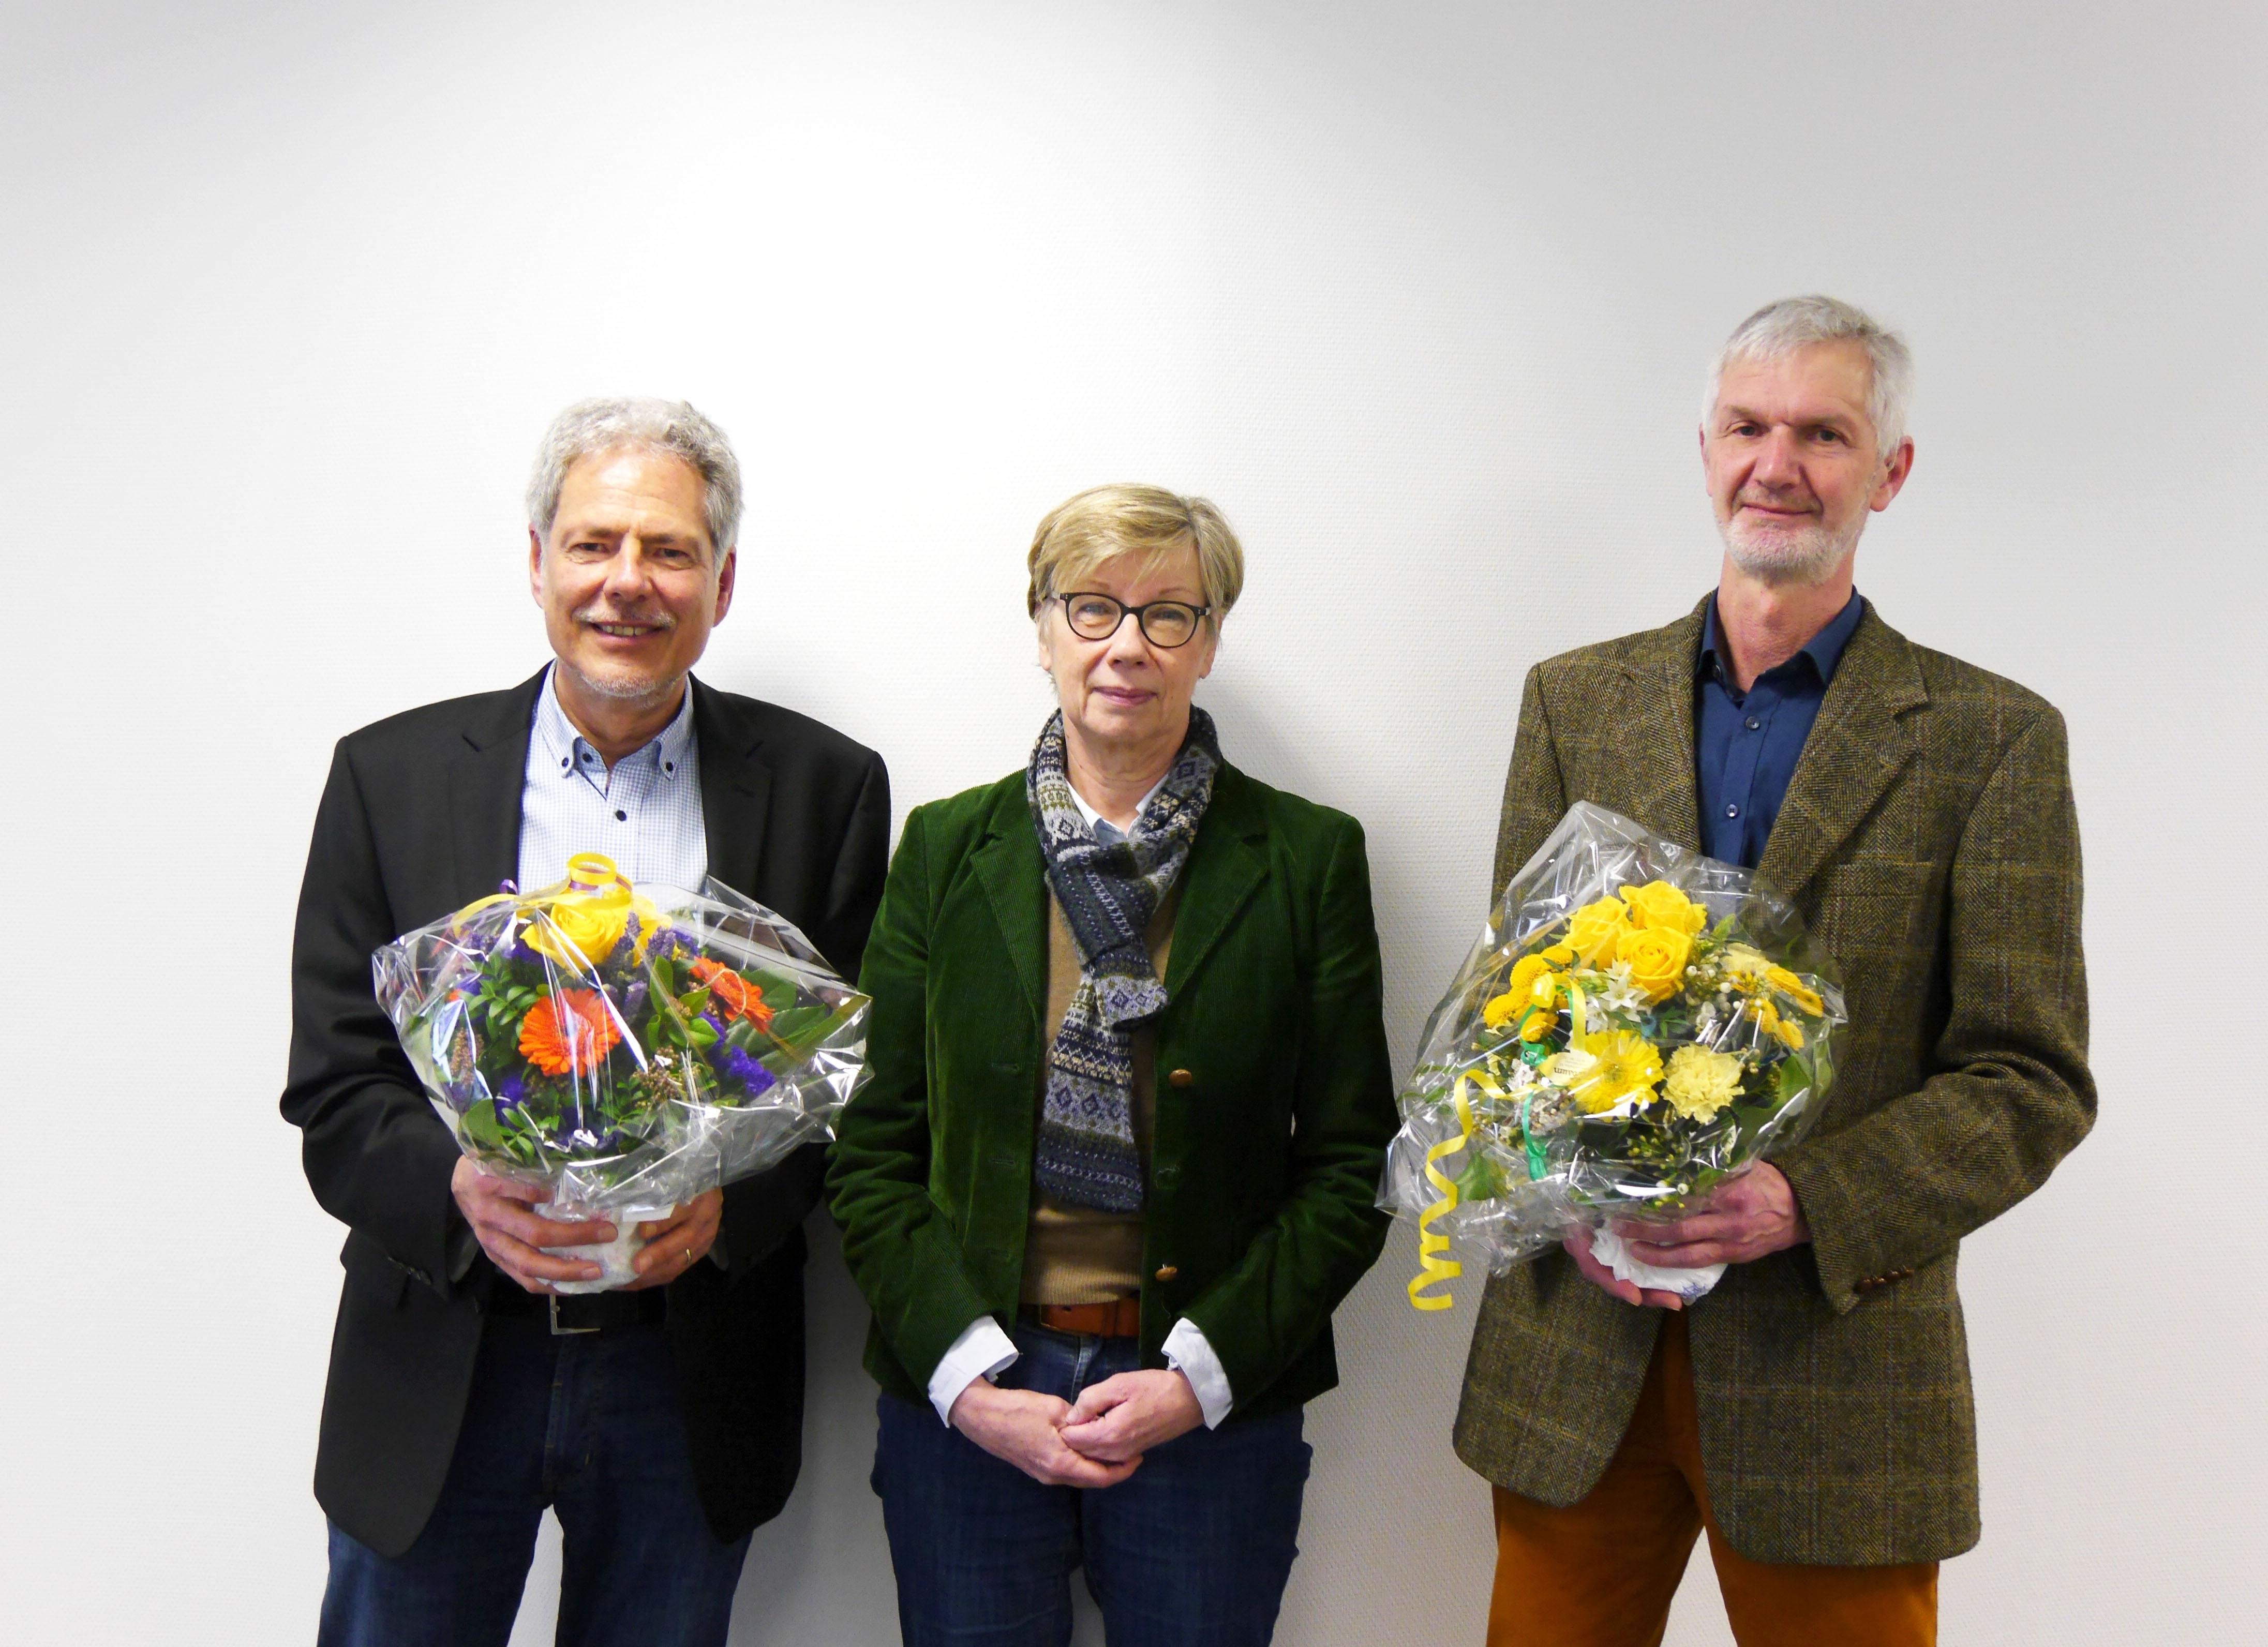 Mit einem großen Dank für die jahrelange Arbeit an der FH Münster verabschiedete FH-Präsidentin Prof. Dr. Ute von Lojewski die beiden Professoren Wickel (l.) und Brugger vom Fachbereich Sozialwesen in den Ruhestand. (Foto: FH Mün